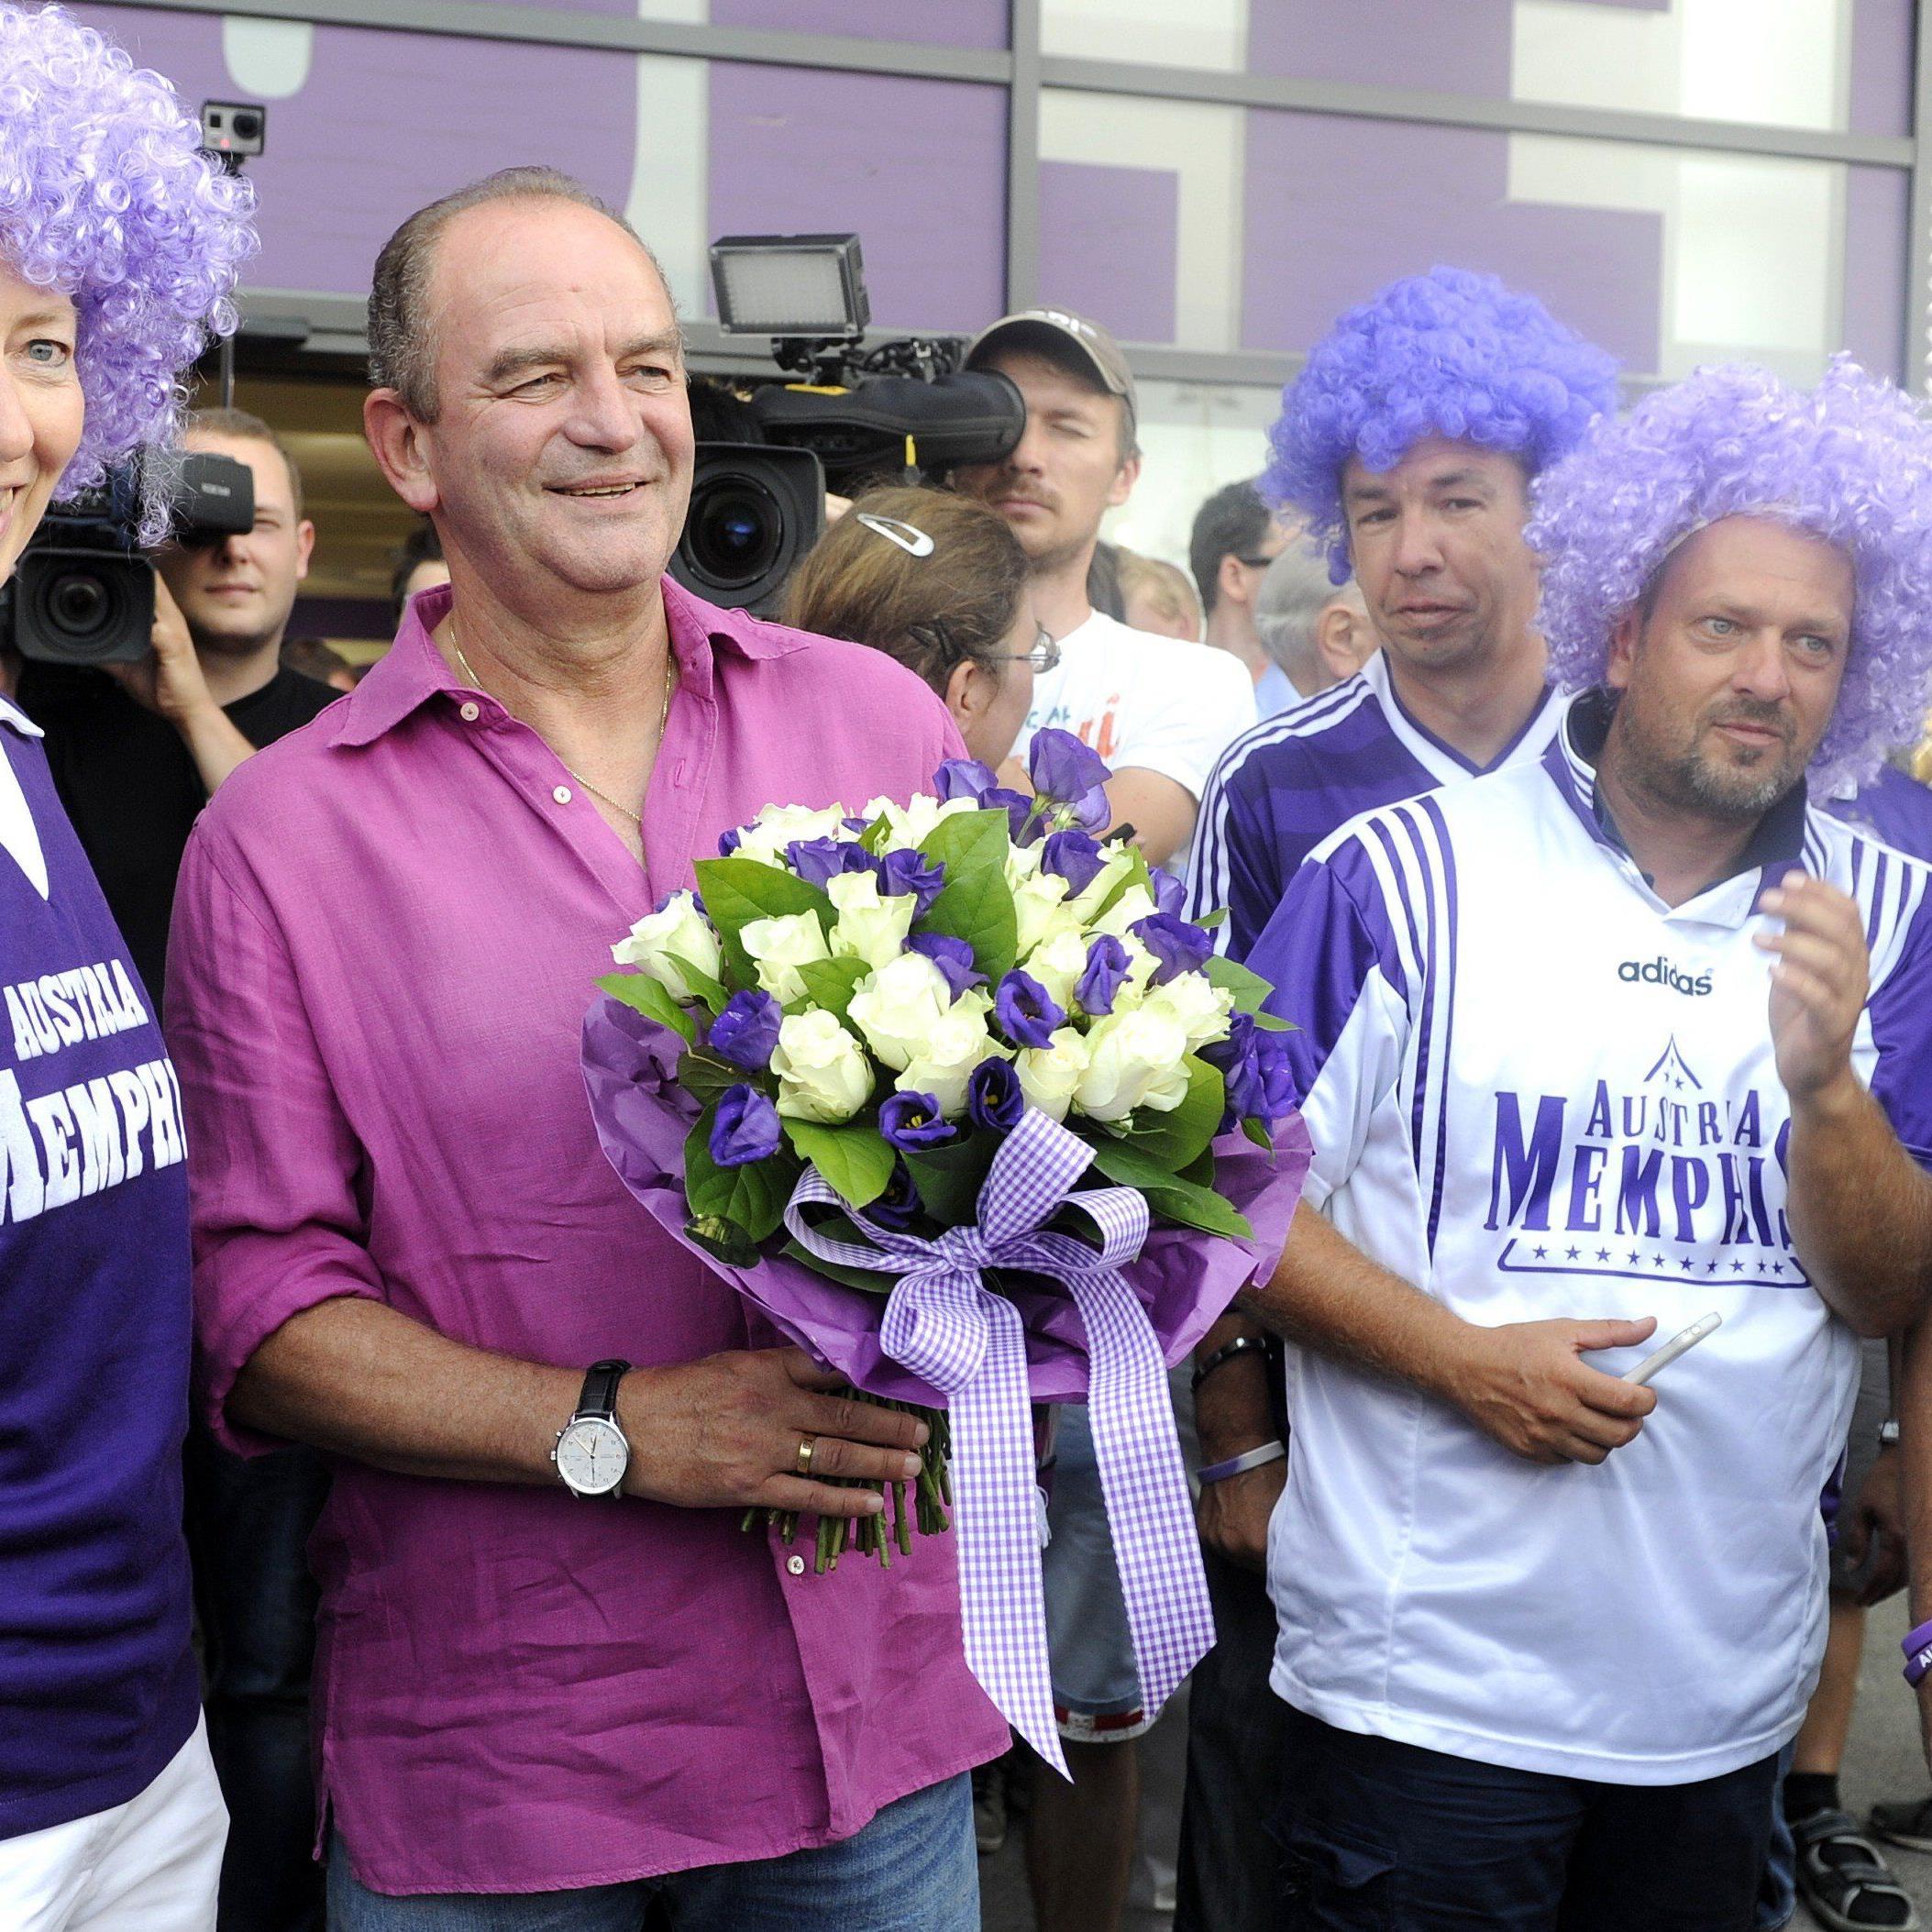 Herbert Prohaska feierte seinen 60. Geburtstag bei der Wiener Austria.